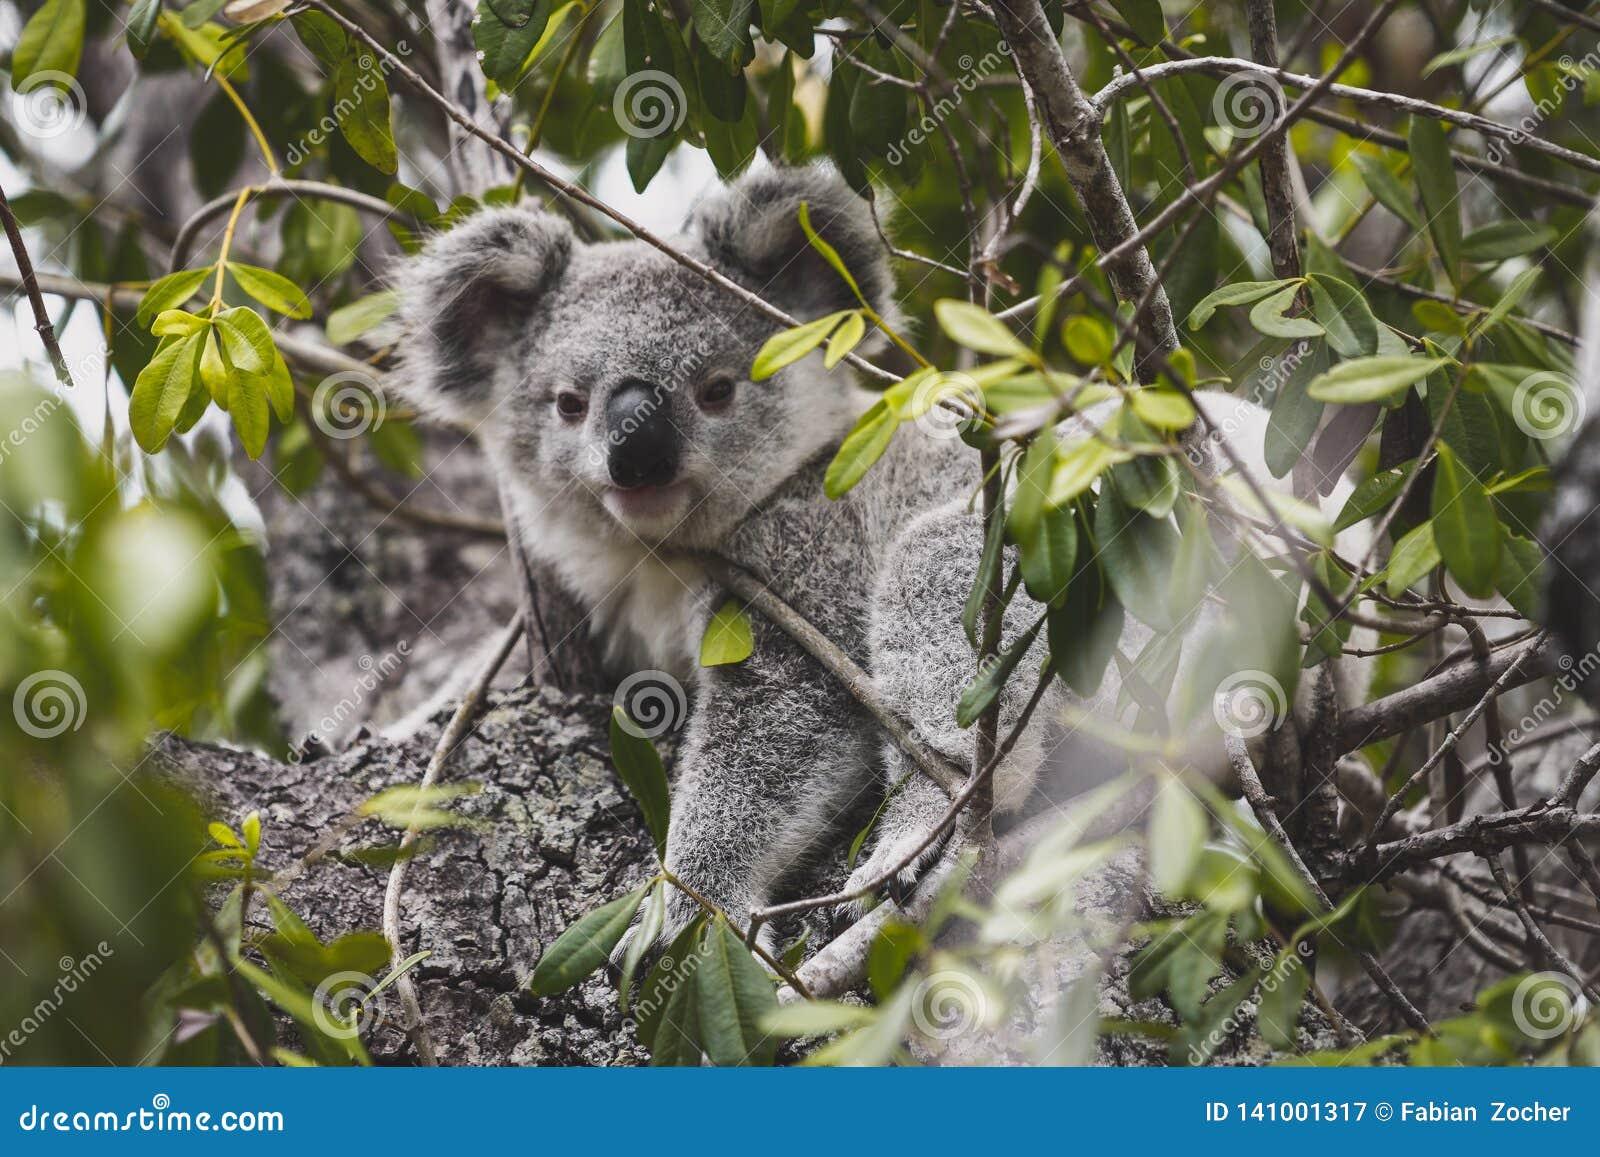 Koalabier im Baum